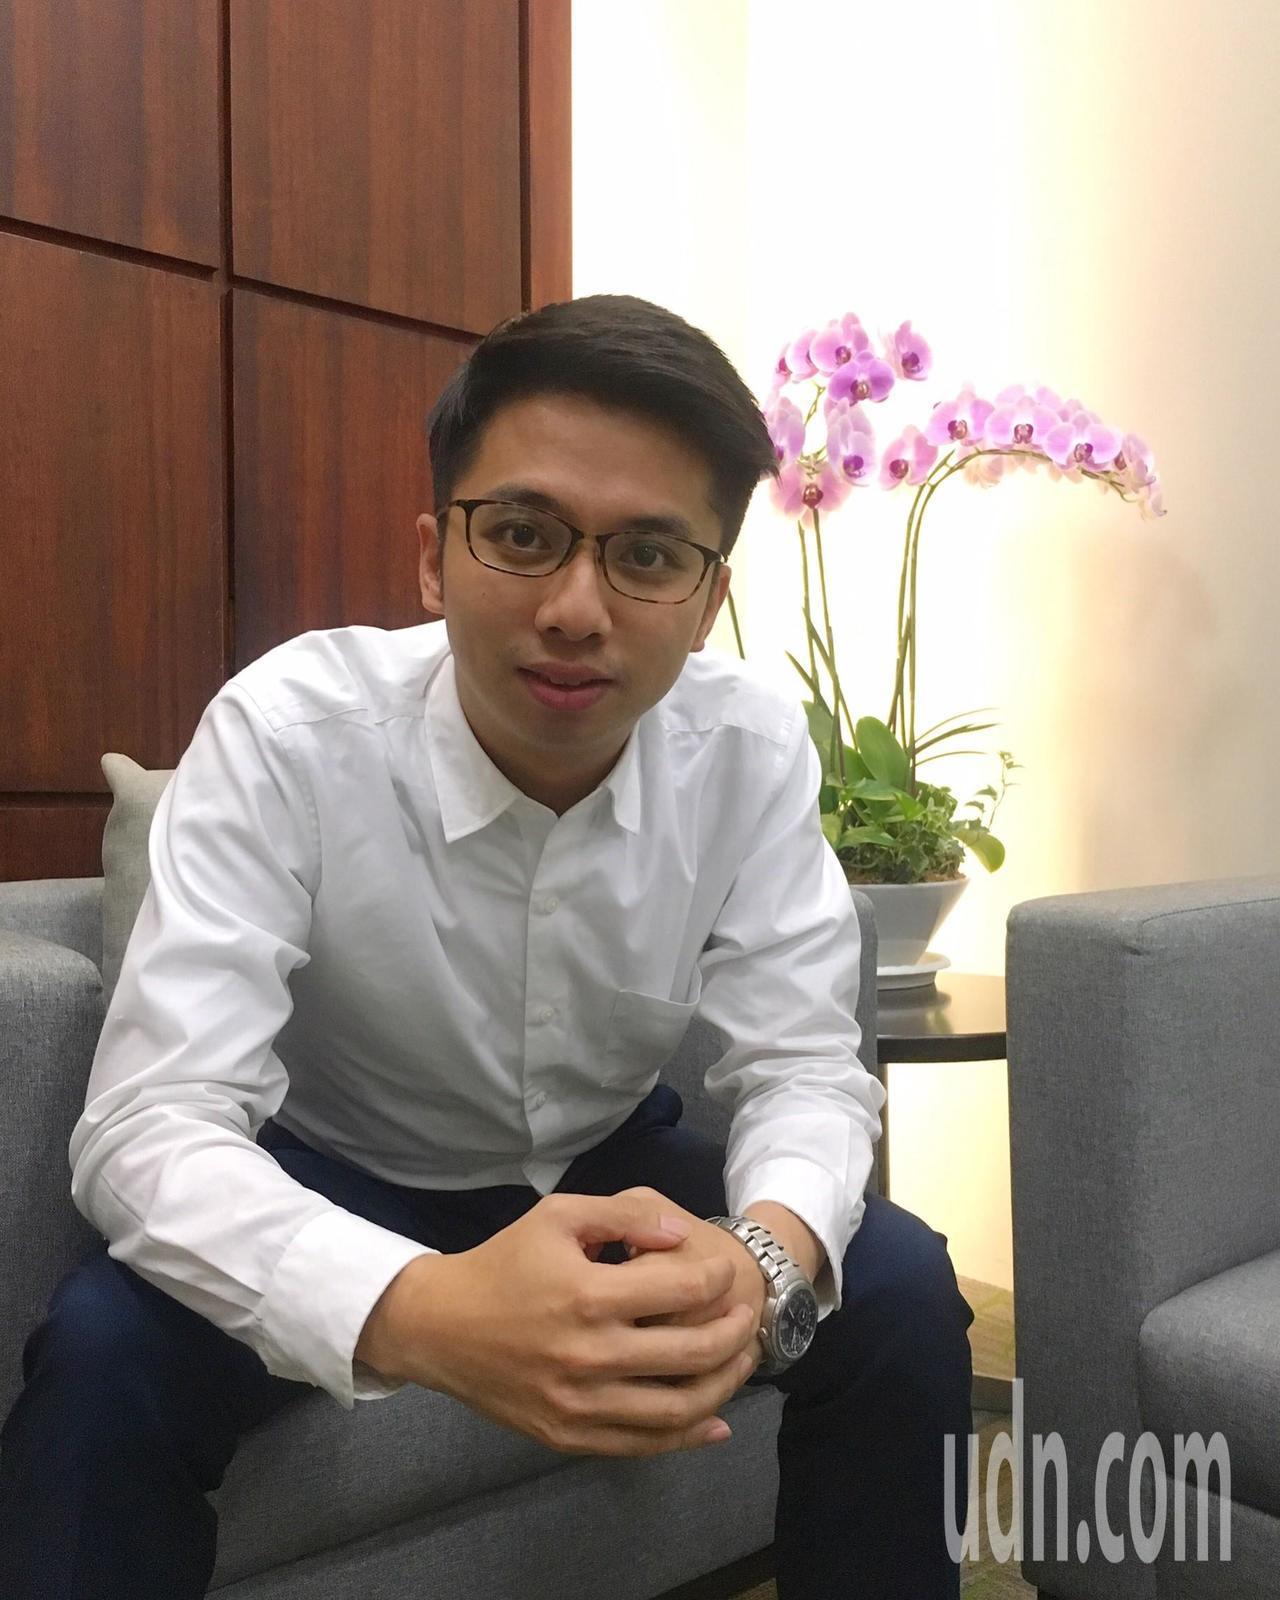 新竹市政府最年輕的重要主管、市長辦公室主任劉康彥才29歲。記者林家琛/攝影